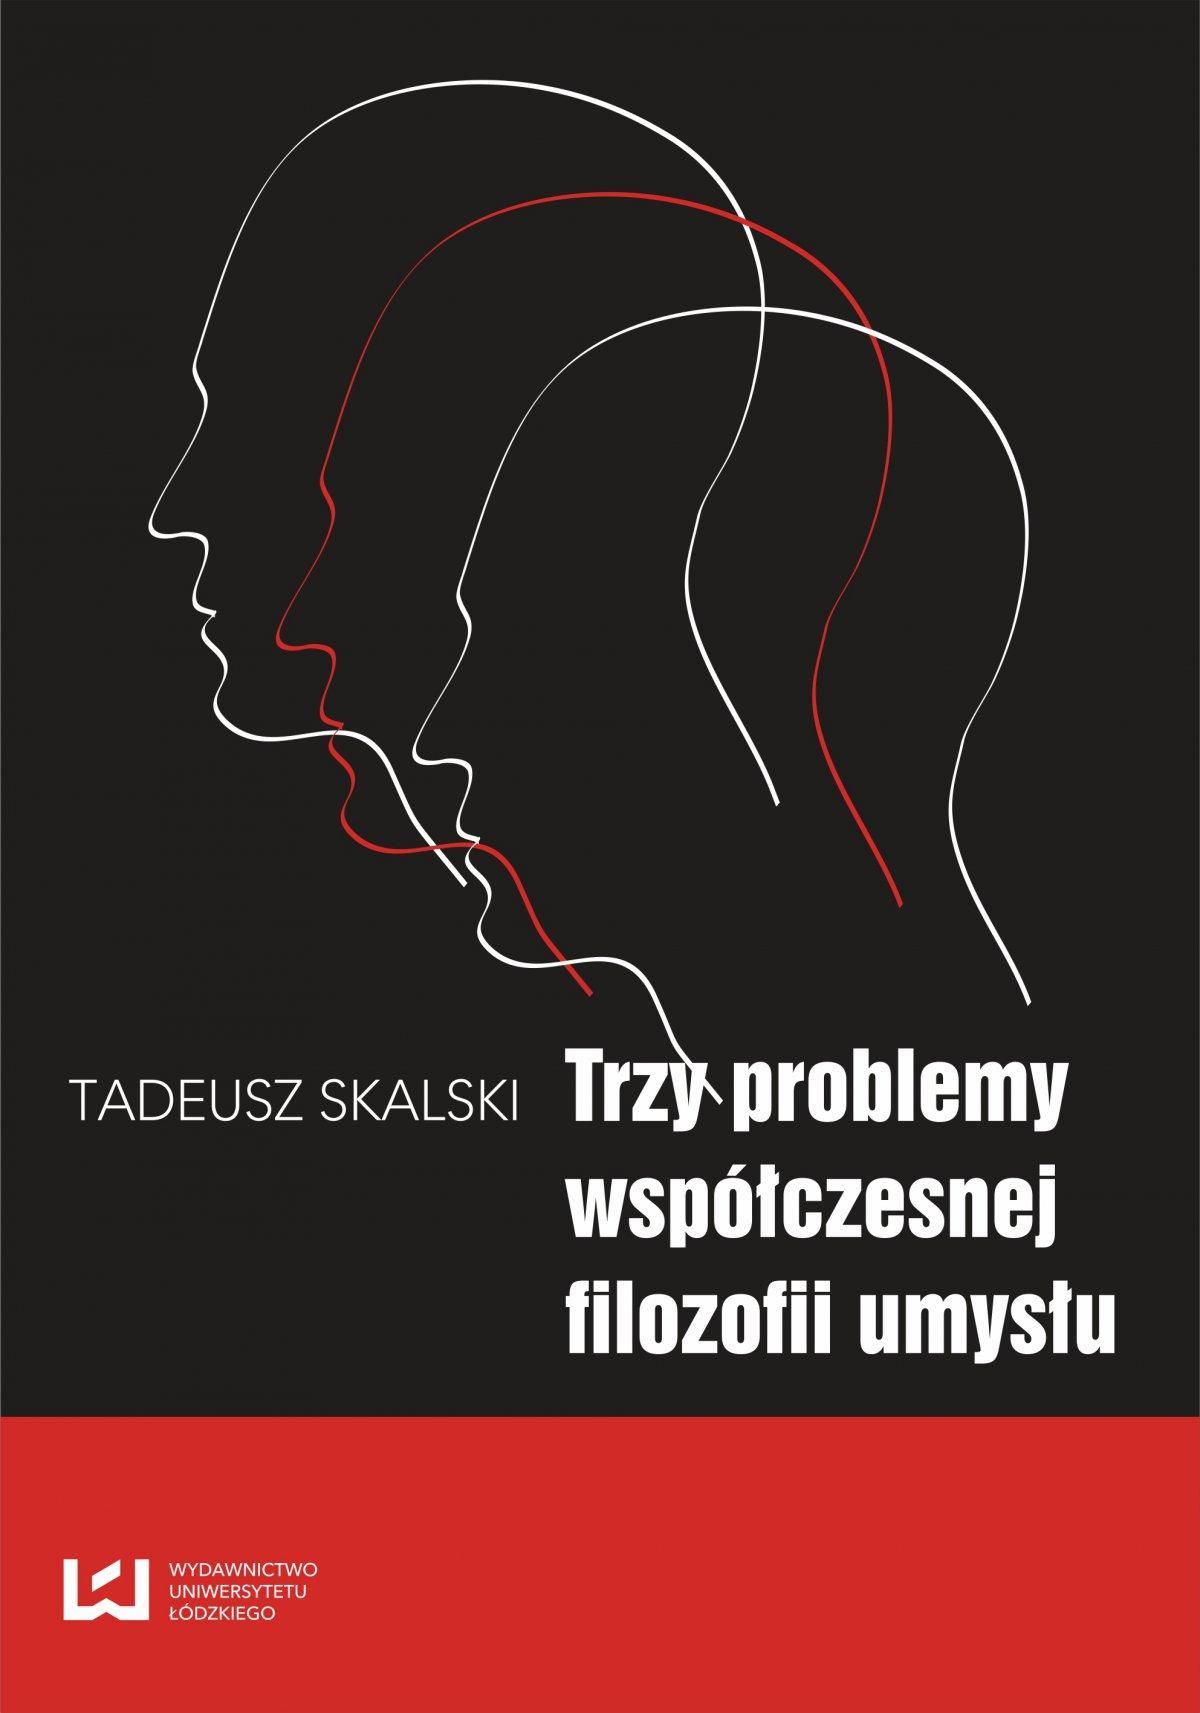 Trzy problemy współczesnej filozofii umysłu - Ebook (Książka PDF) do pobrania w formacie PDF